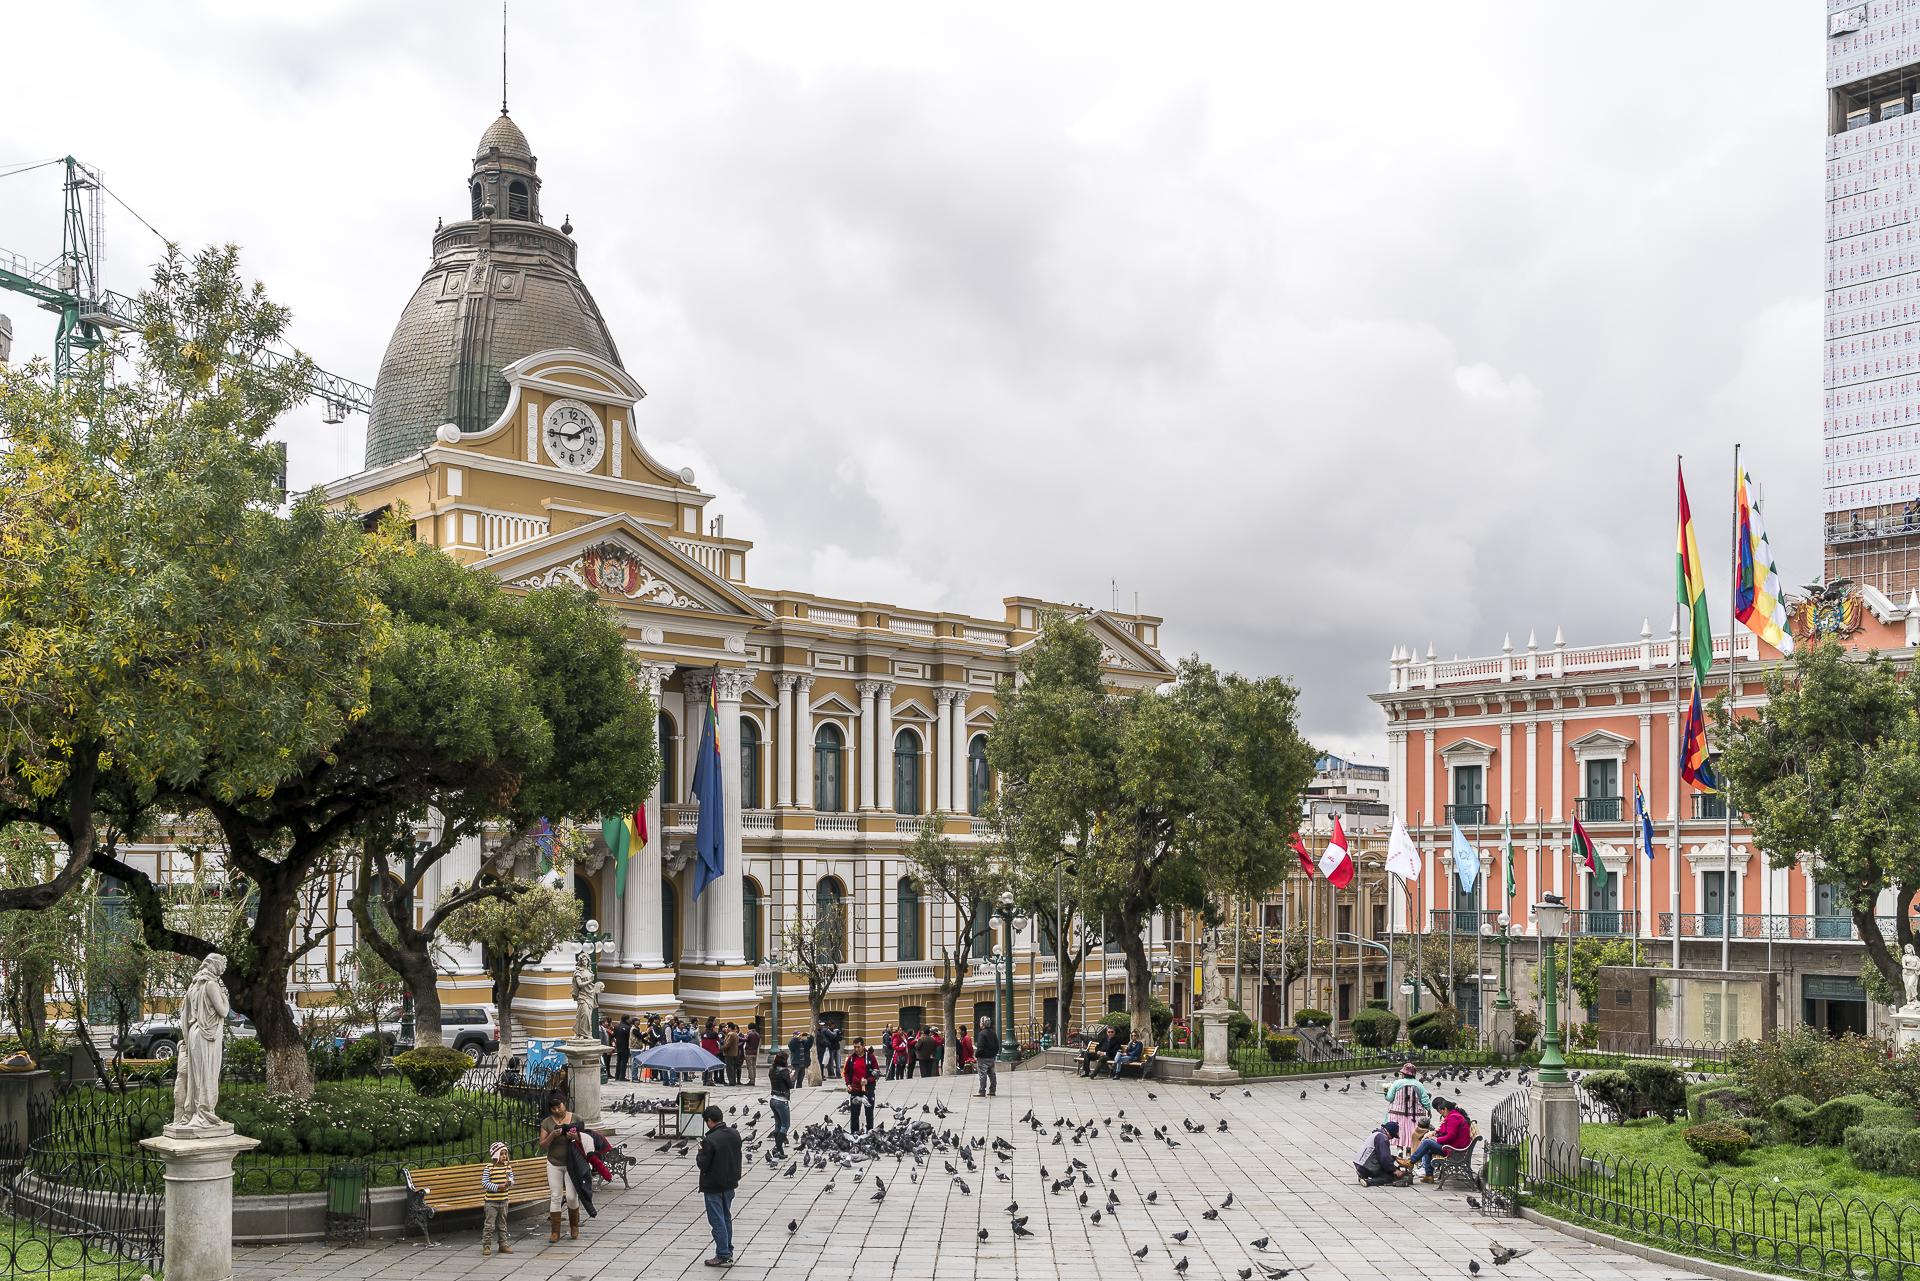 Plaza Murillo La Paz Bolivien